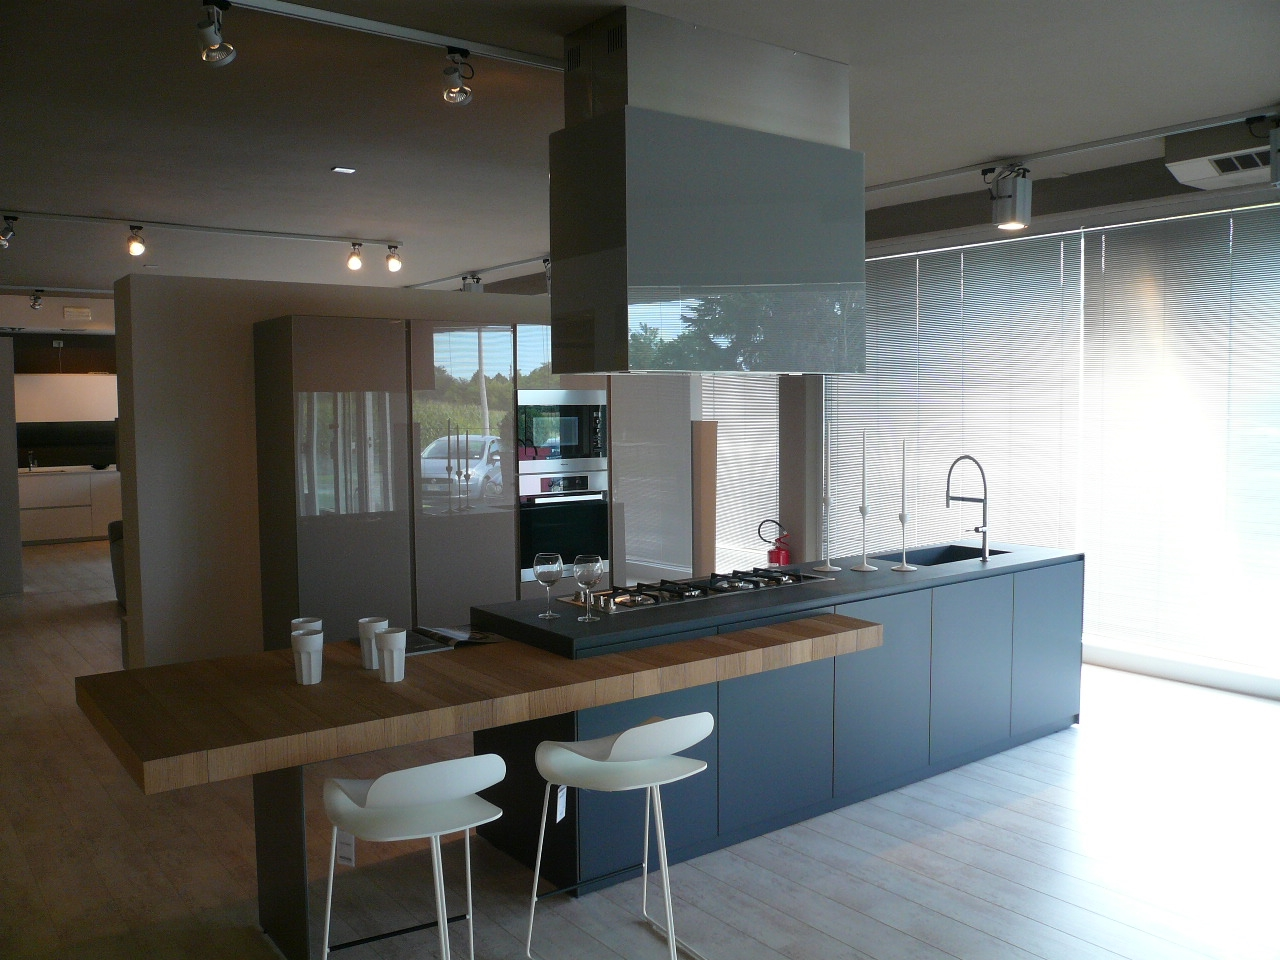 Elegant vernice with colori pittura cucina - Vernice lavabile cucina ...